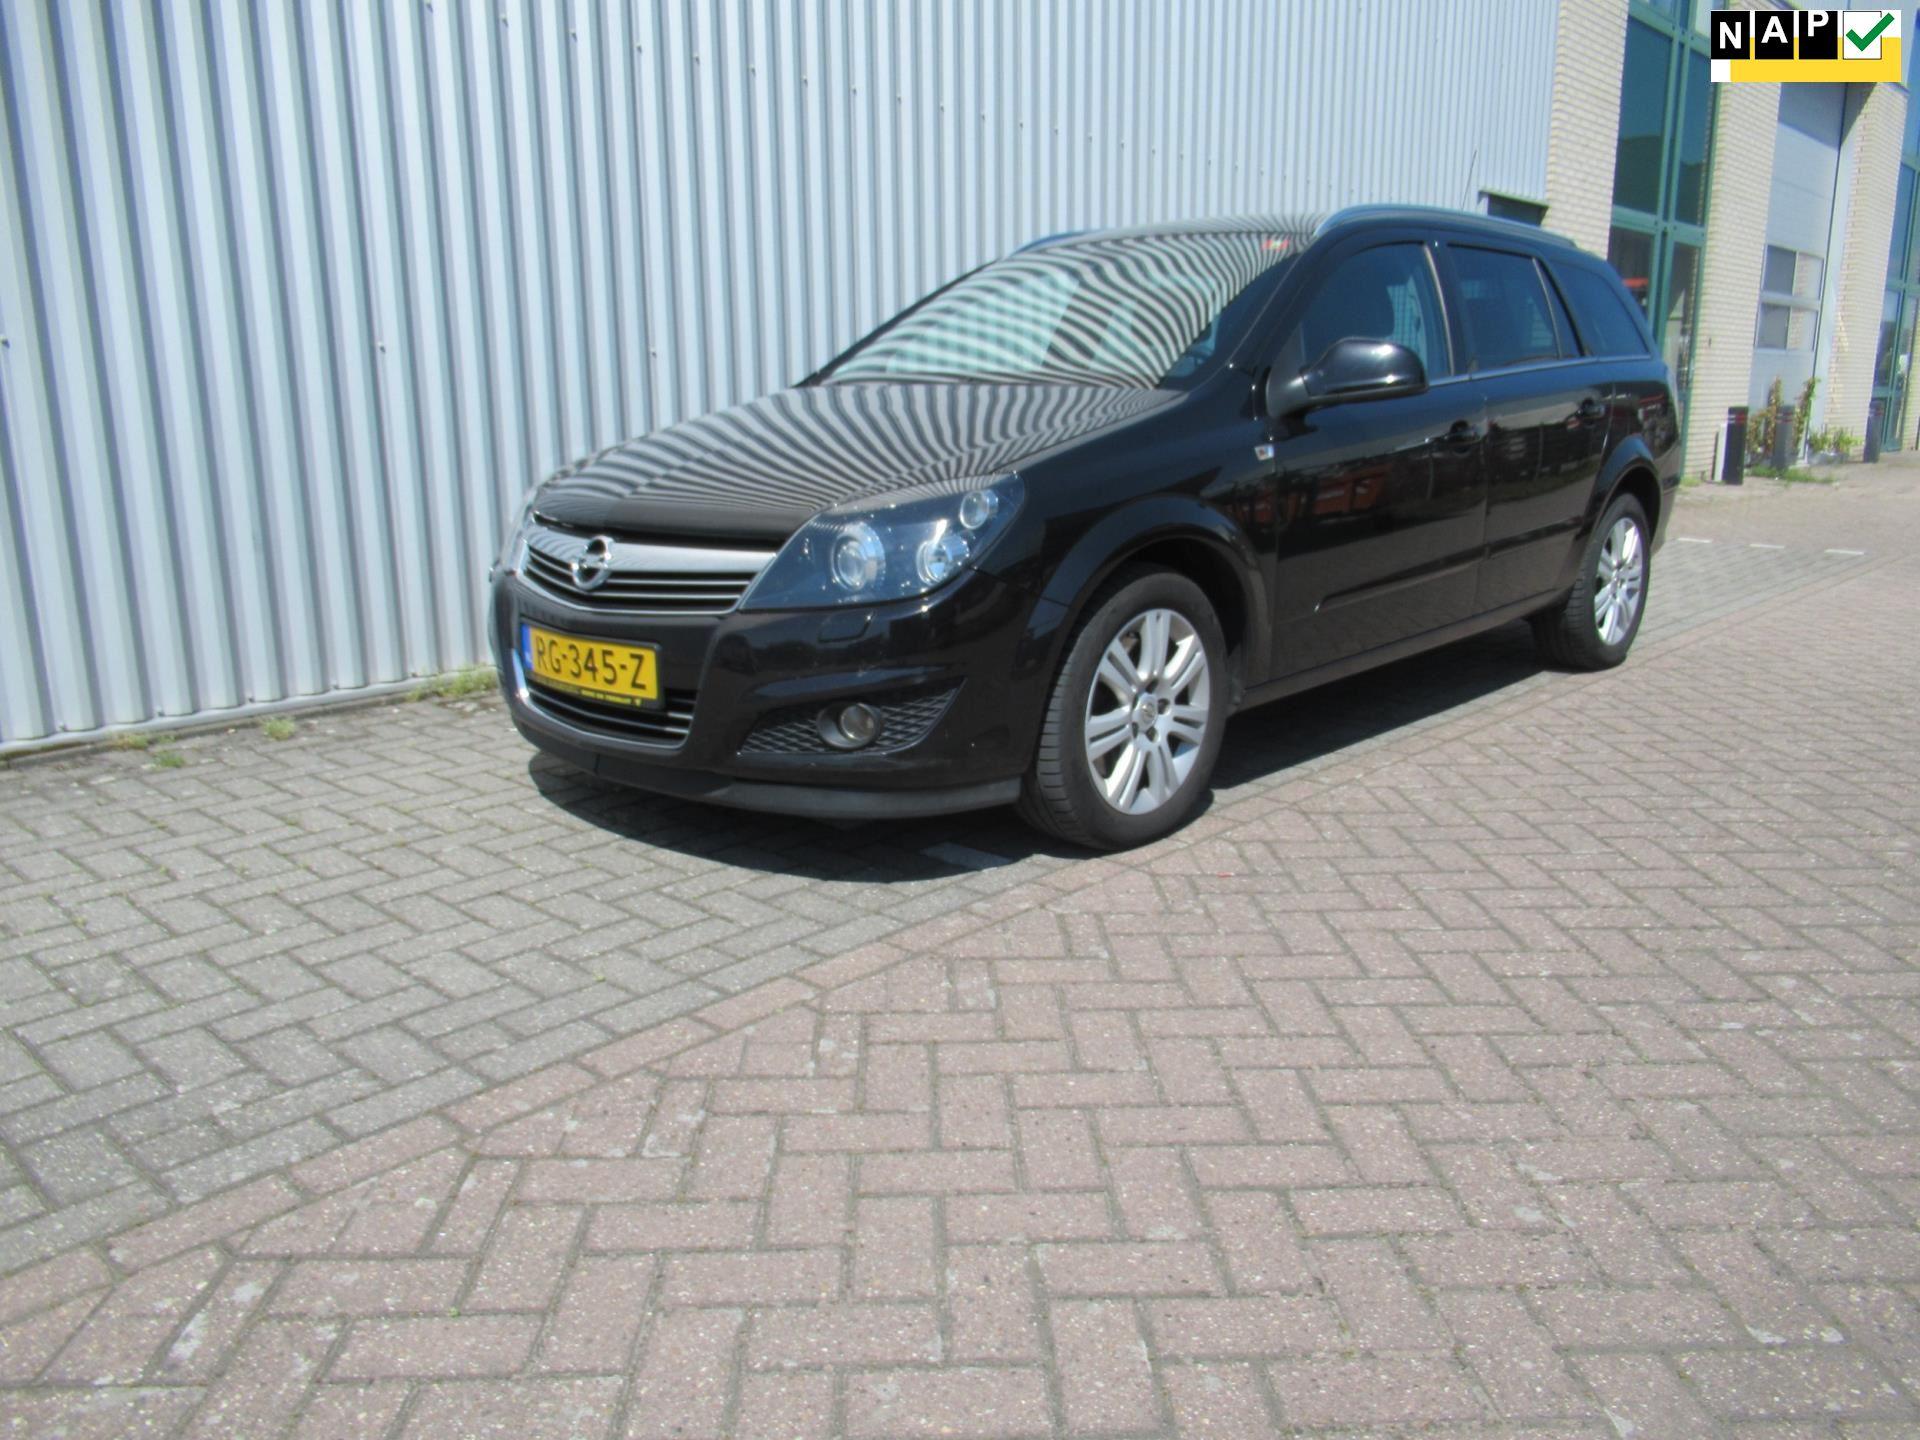 Opel Astra Wagon occasion - Autobedrijf Maasdijk